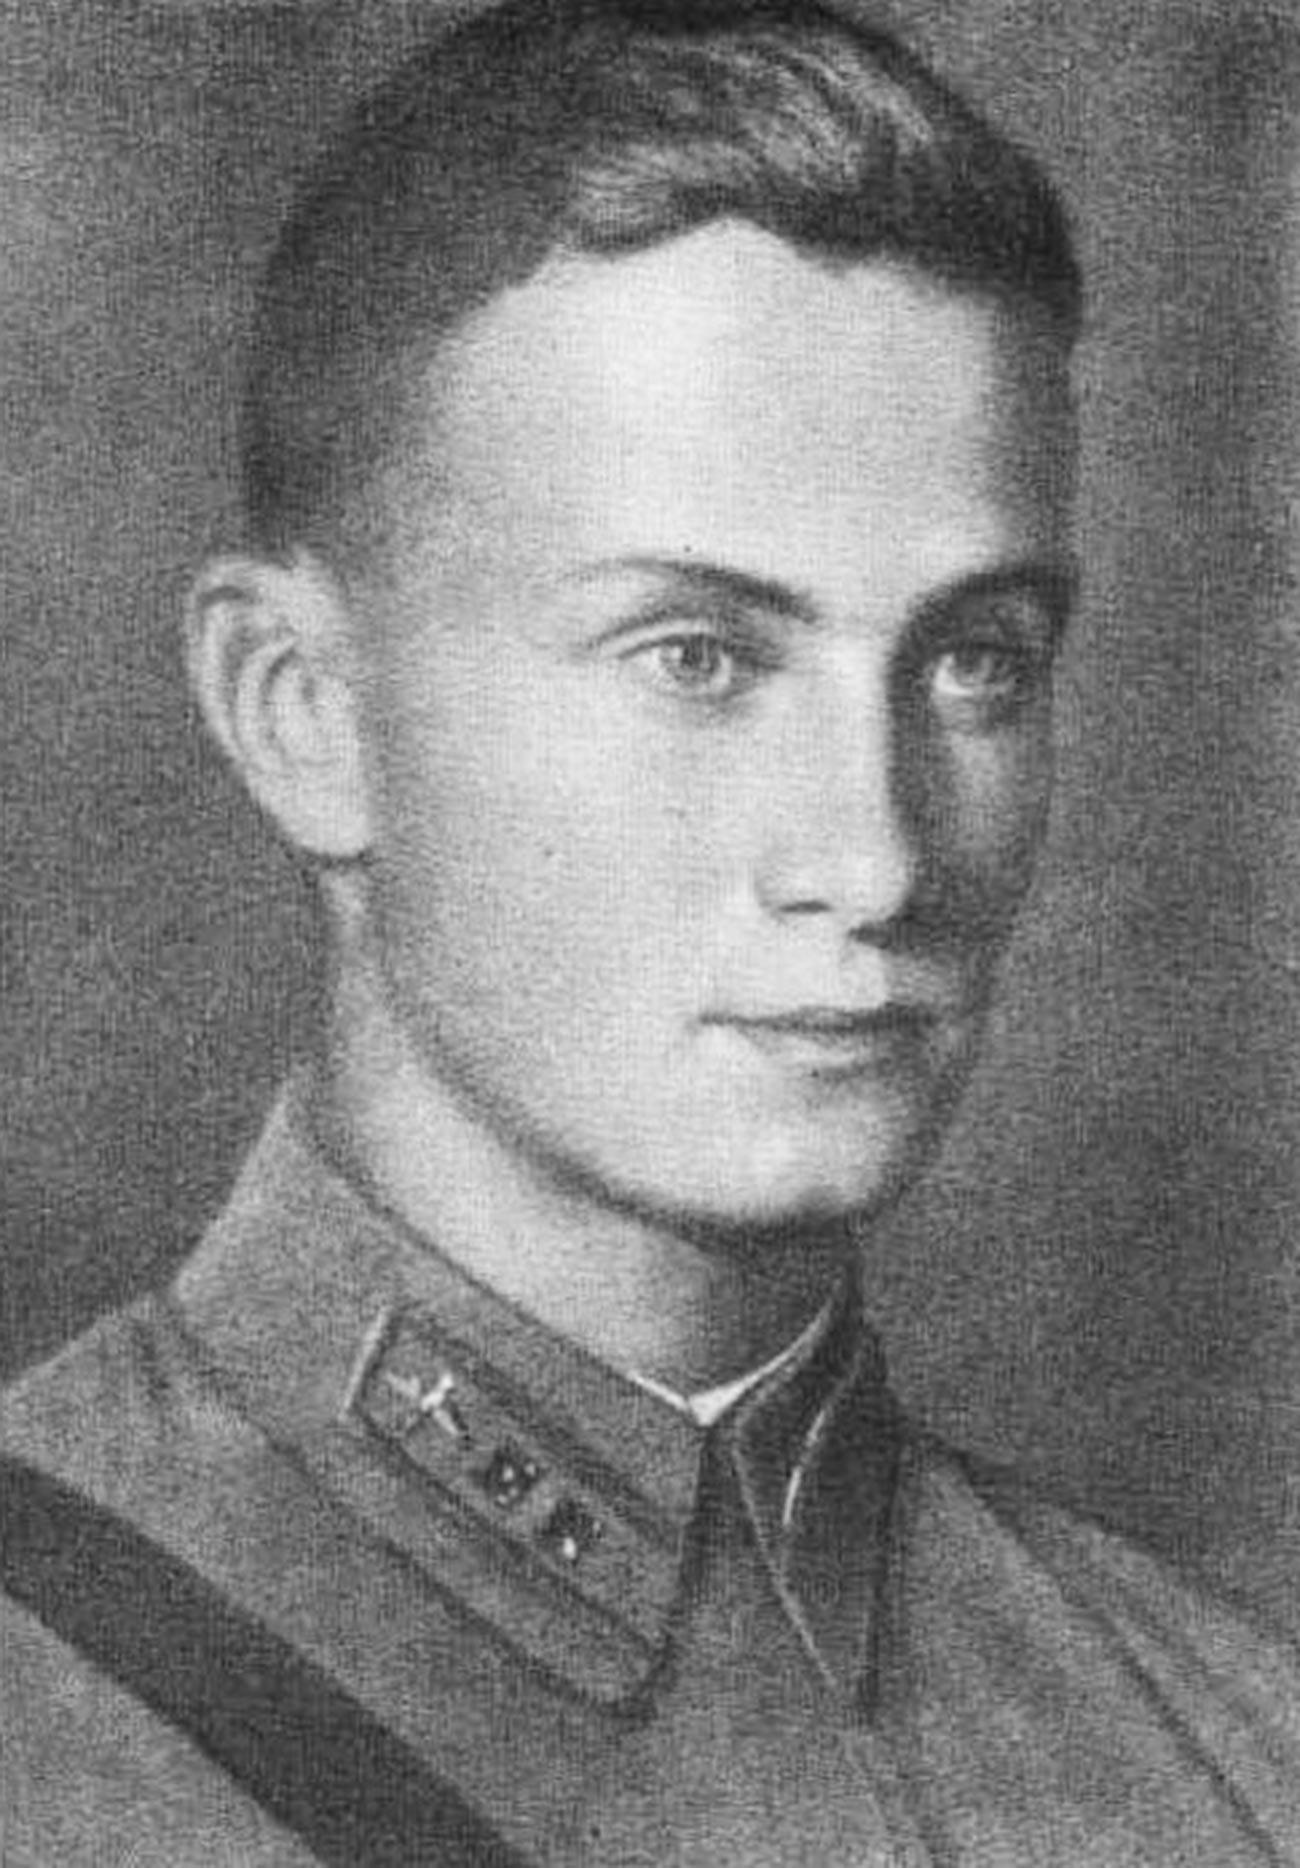 Heroj Sovjetske zveze Timur Frunze